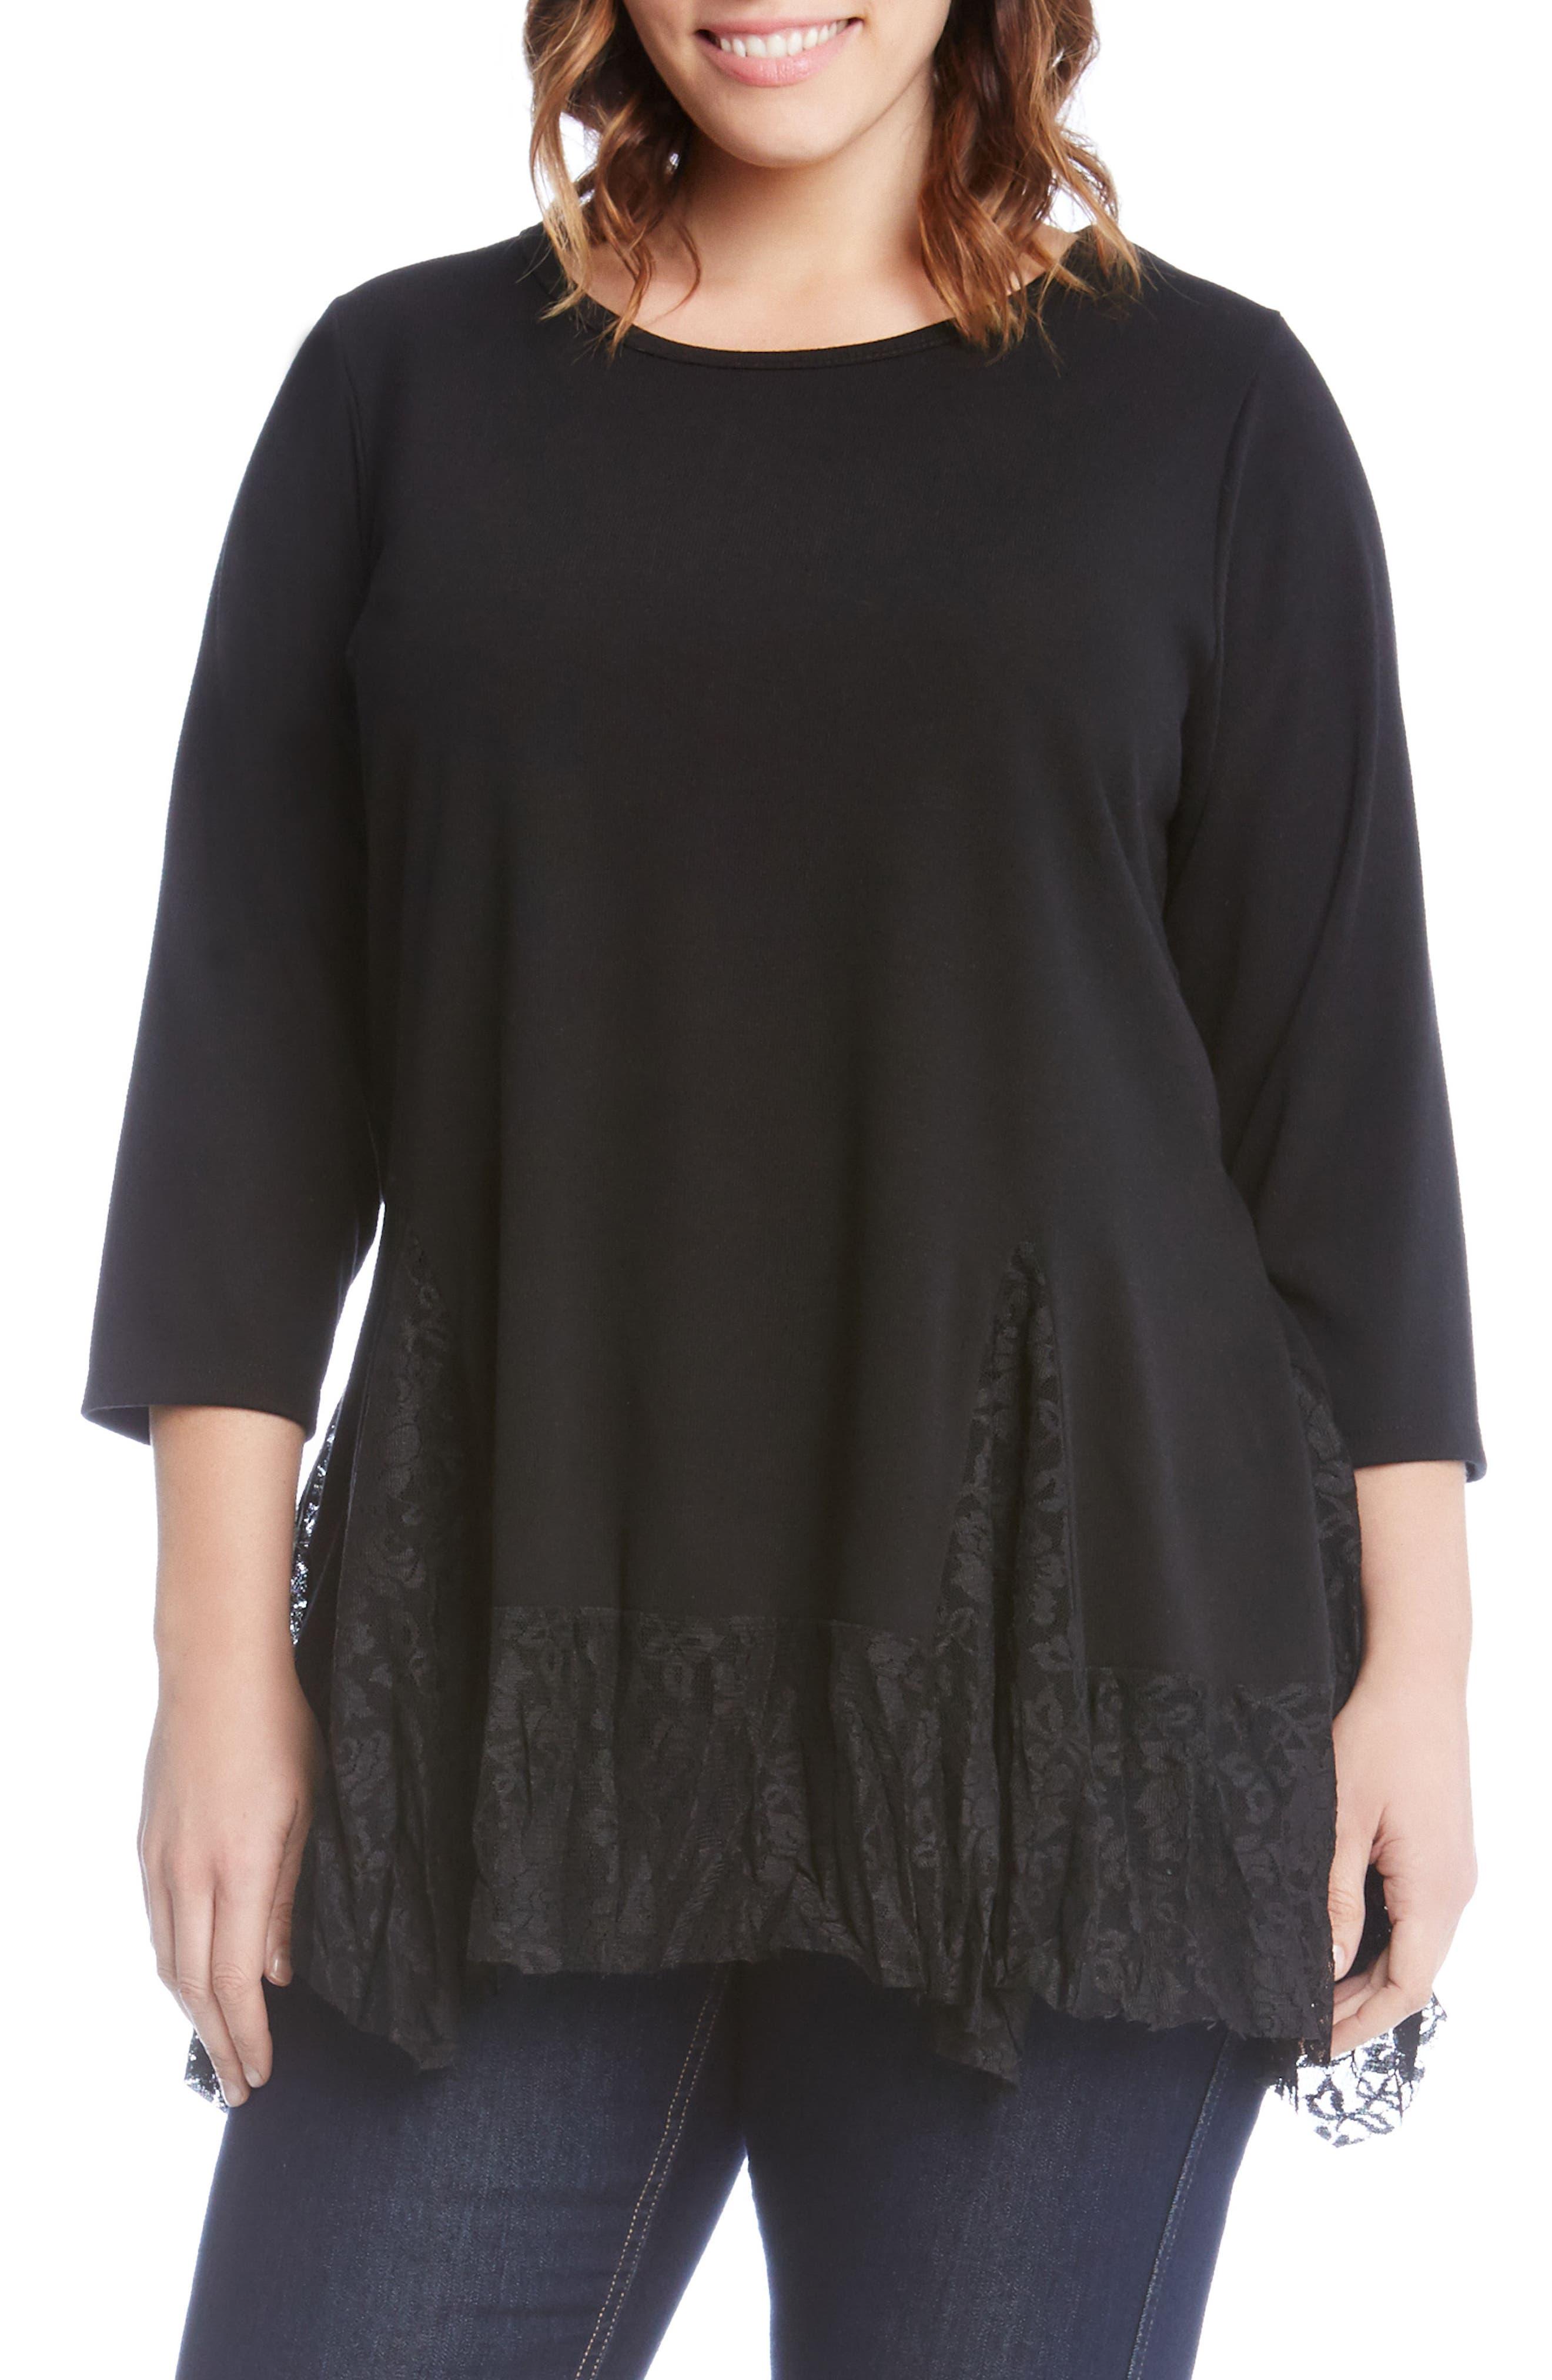 Main Image - Karen Karen Lace Inset Sweater (Plus Size)